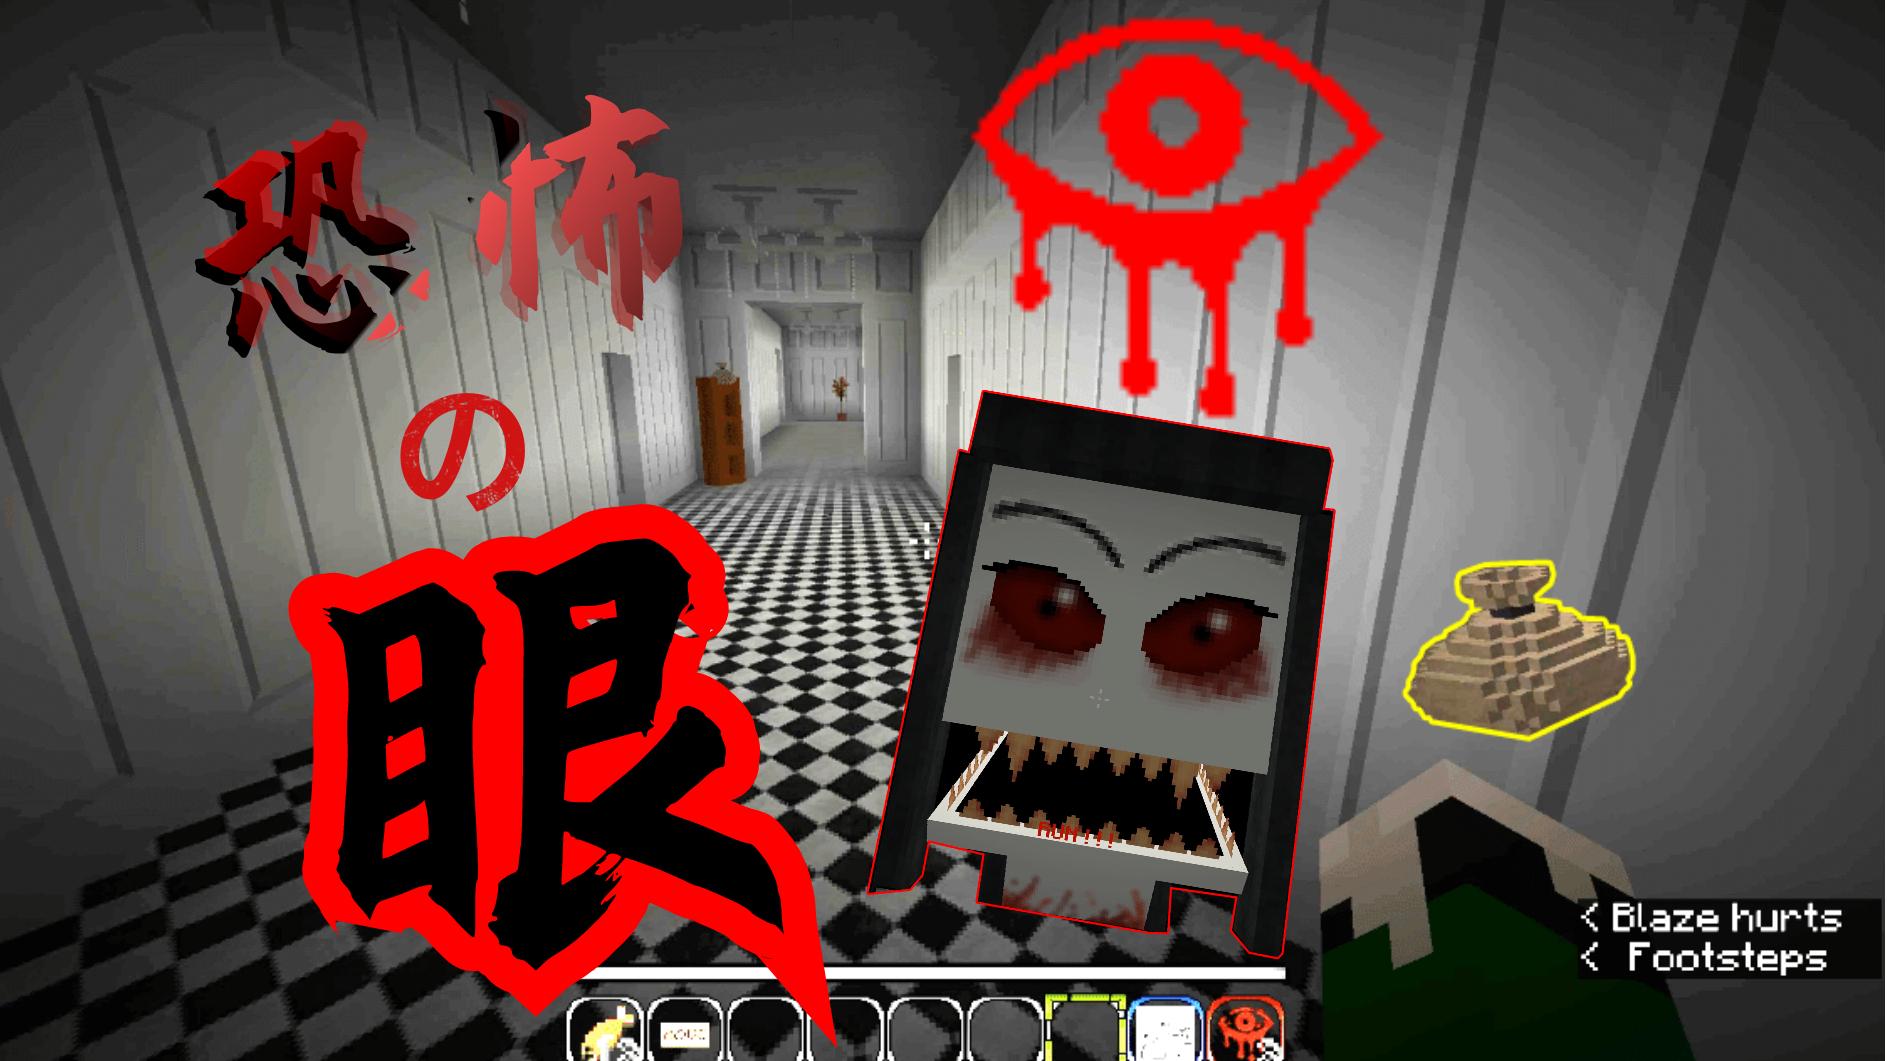 我的世界Minecraft恐怖地图:恐怖之眼